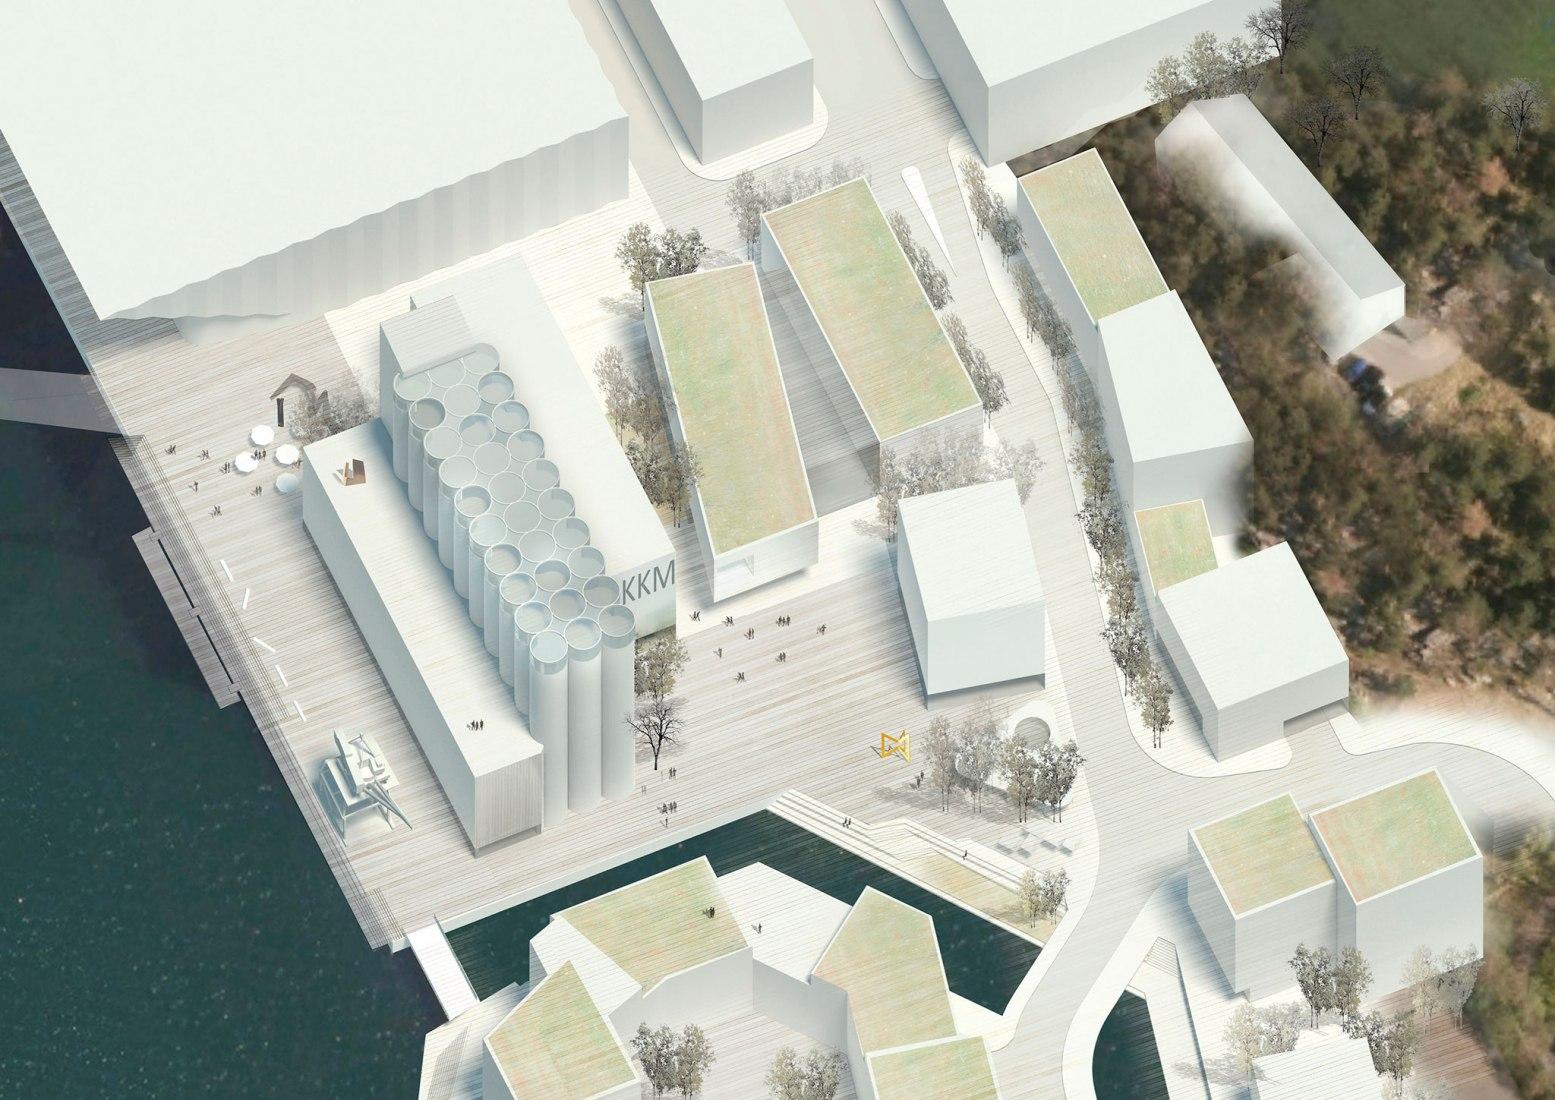 Vista de pájaro. Silosamlingen por Mestres Wåge Arquitectes y MX_SI architectural studio. Imagen cortesía de Kunstsilo.